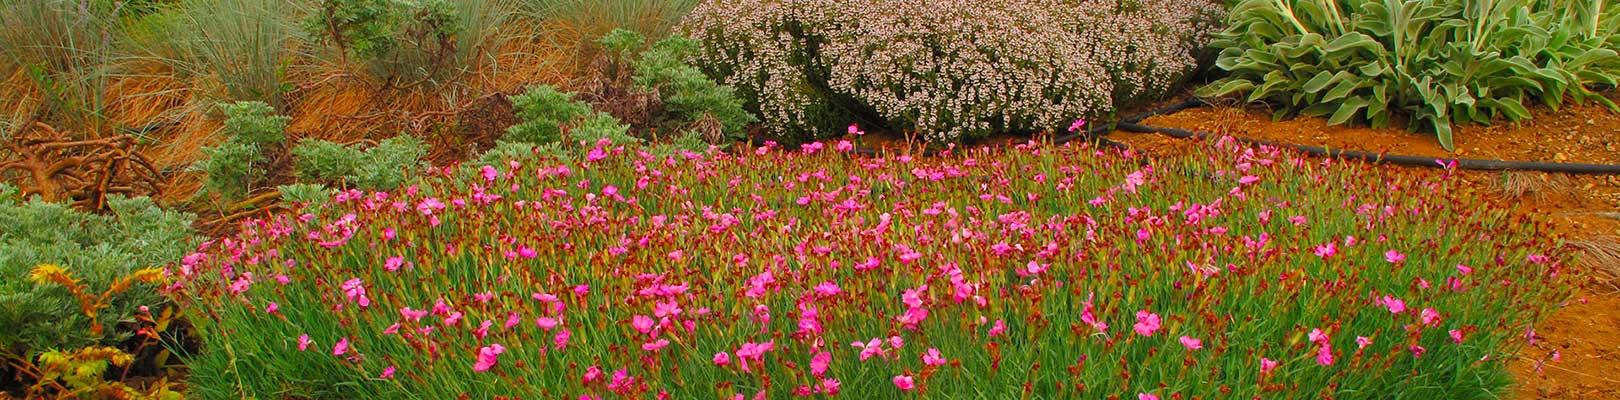 Compagnia delle piante ornamentali piante da giardino - Piante cespugli da giardino ...